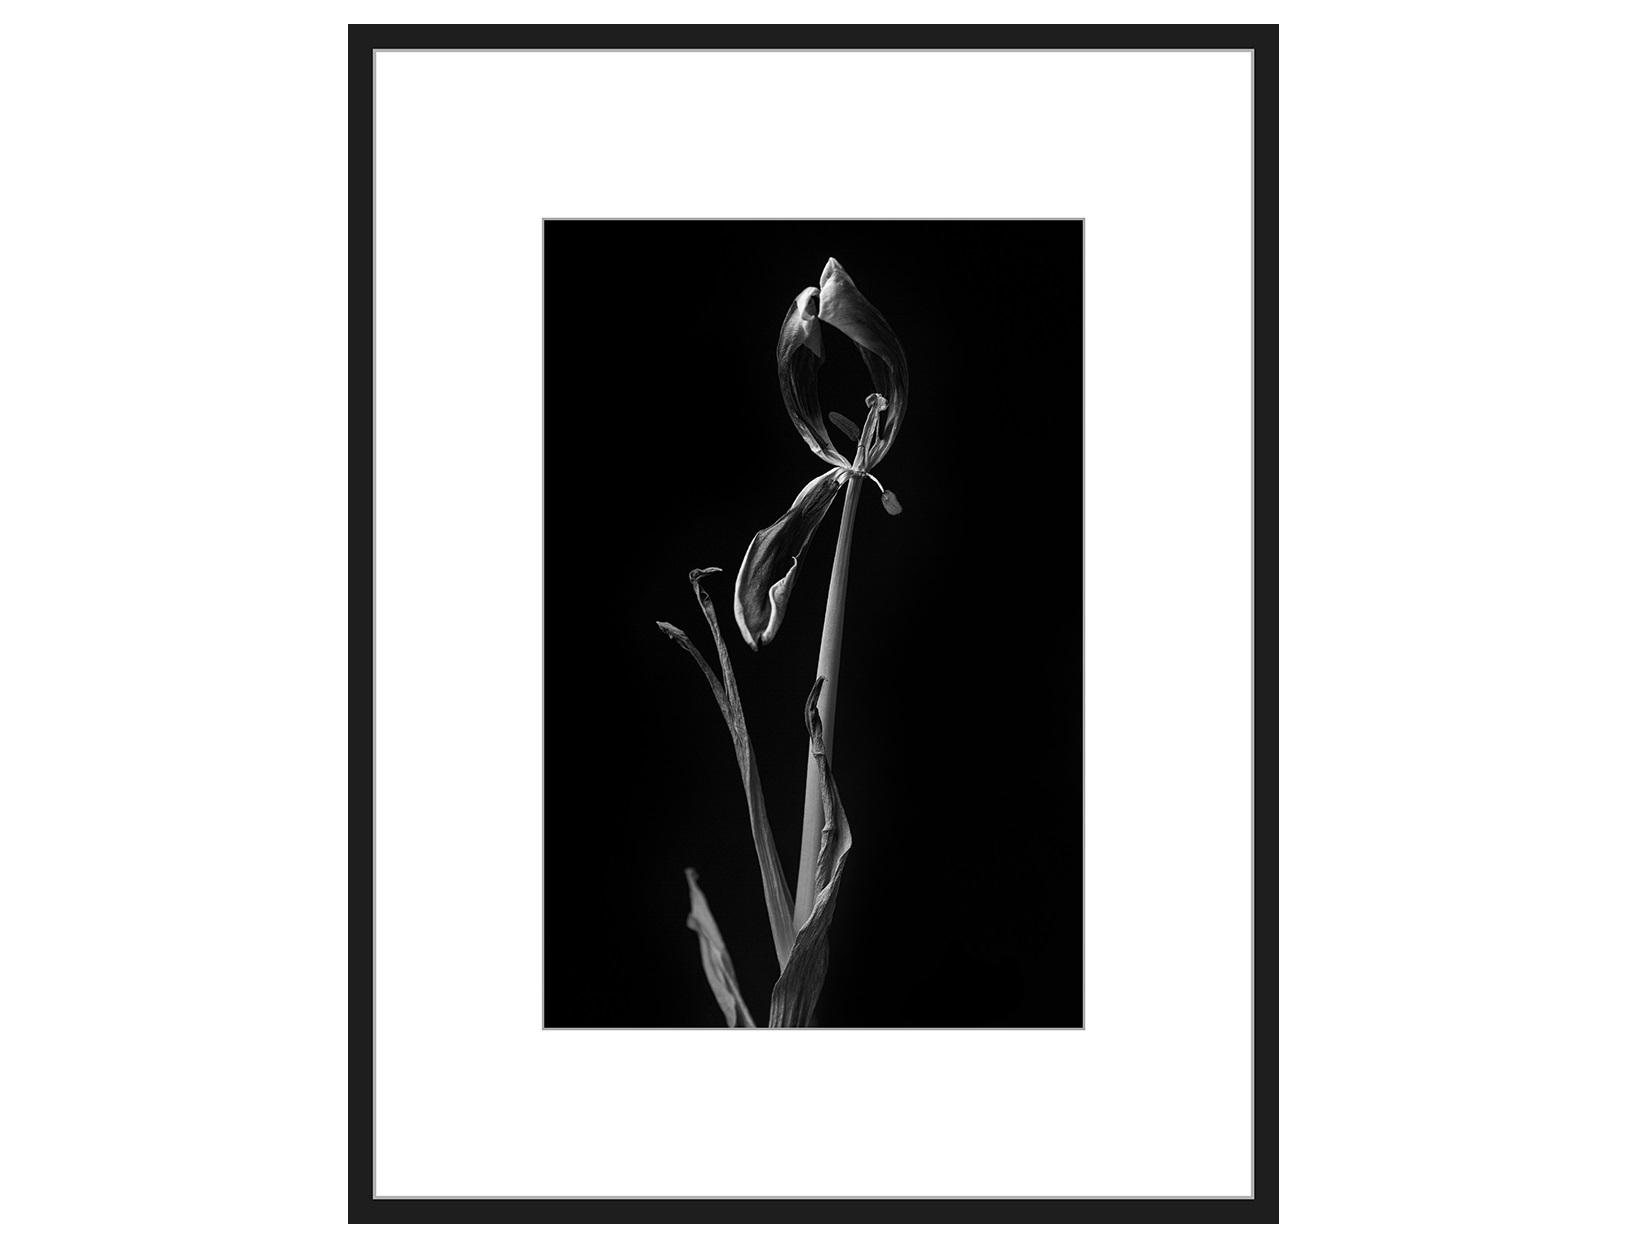 Авторская арт-фотография Dead Tulip #8Постеры<br>Авторская фотография для интерьера, оформленная с галерейным качеством, в раме, с паспарту, под стеклом. Срок поставки — 3-5 рабочих дней с момента оформления заказа.<br><br>kit: None<br>gender: None